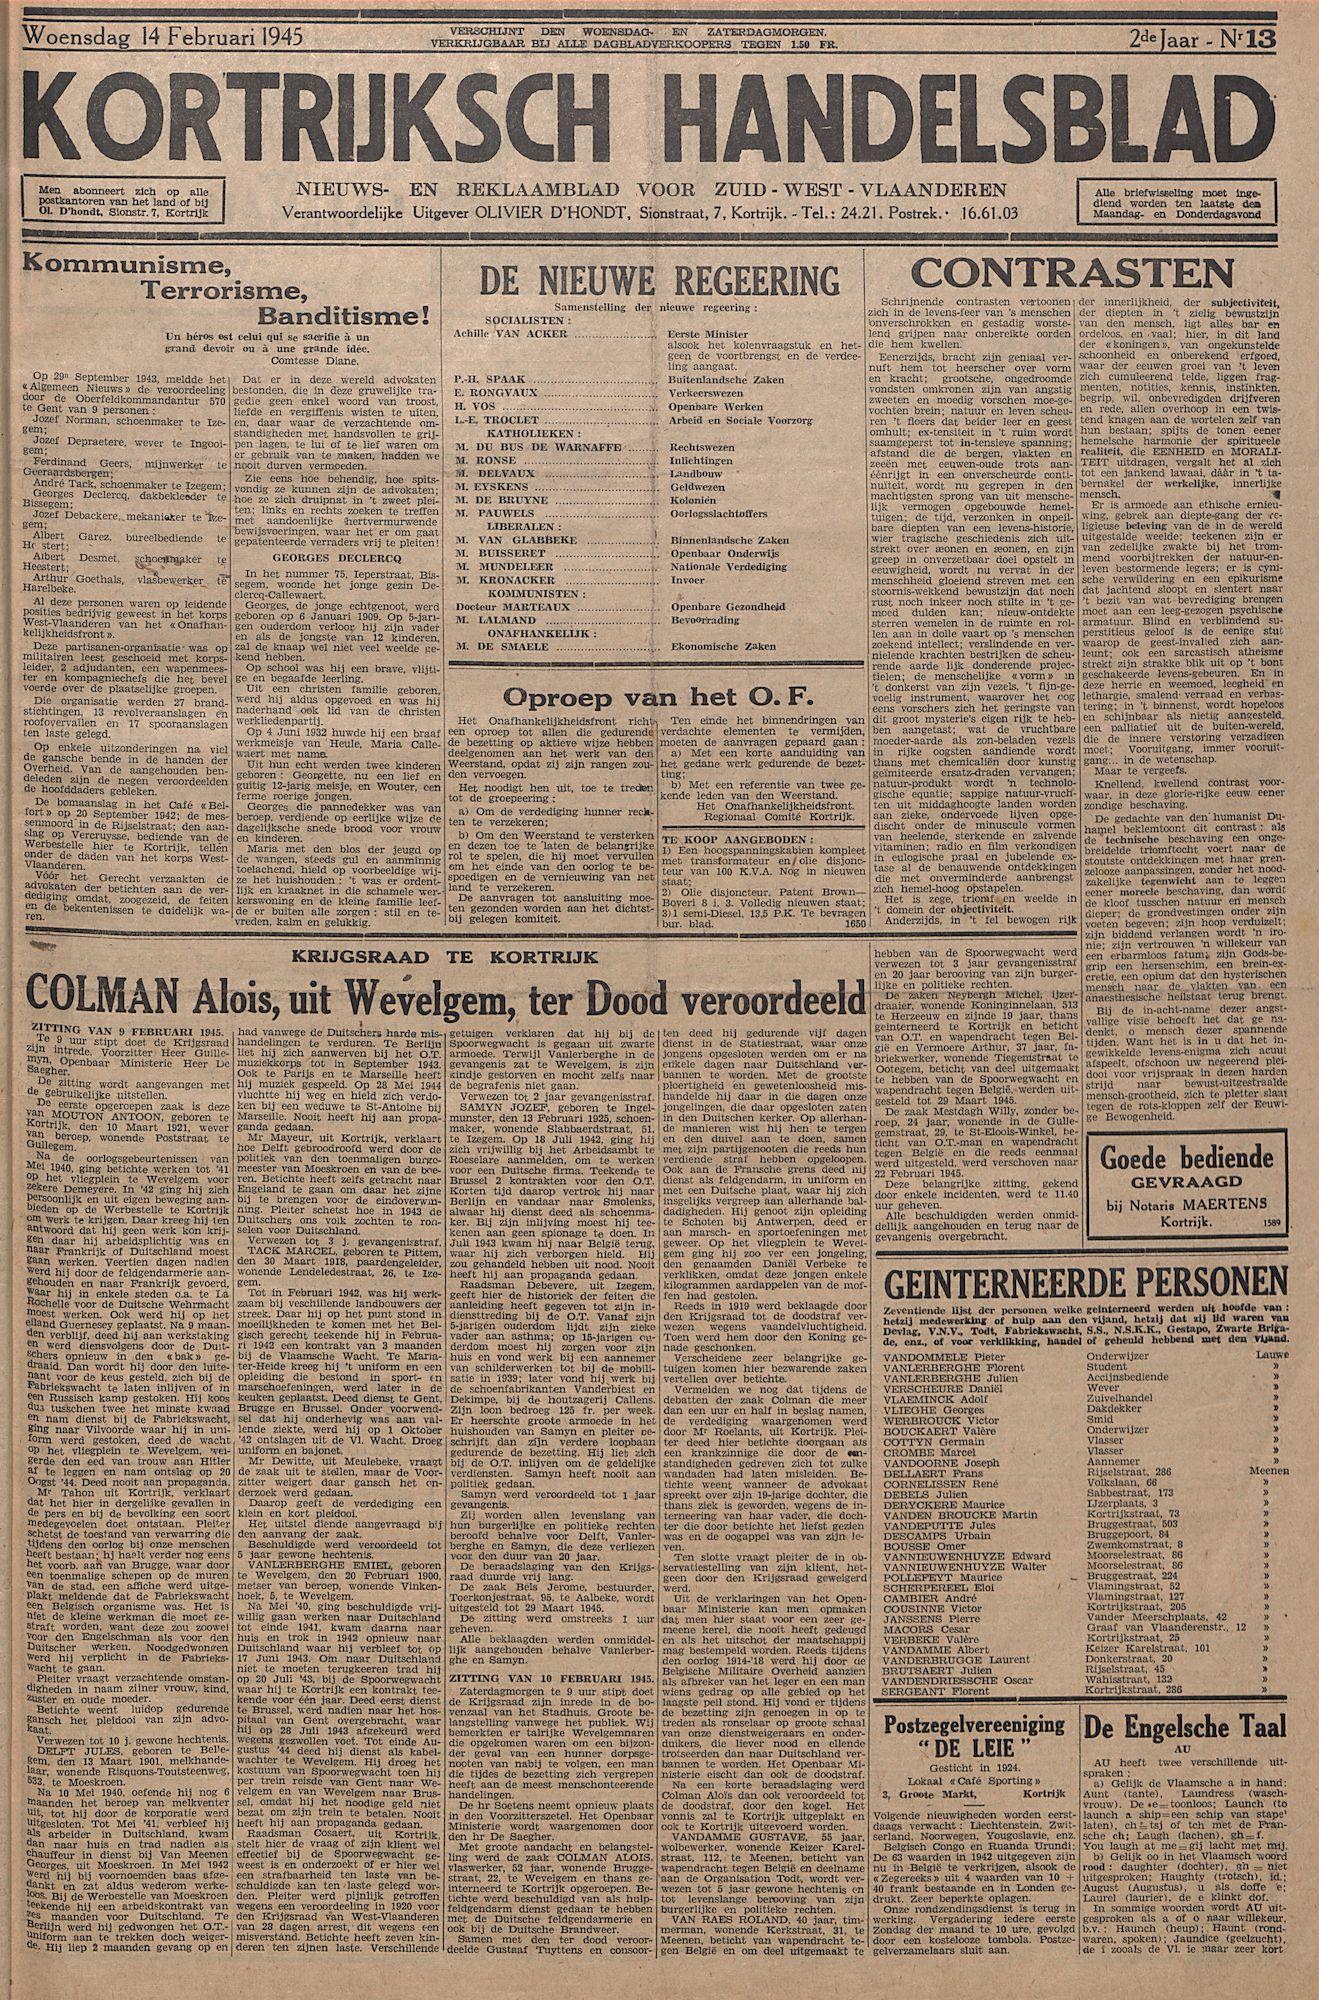 Kortrijksch Handelsblad 14 februari 1945 Nr13 p1